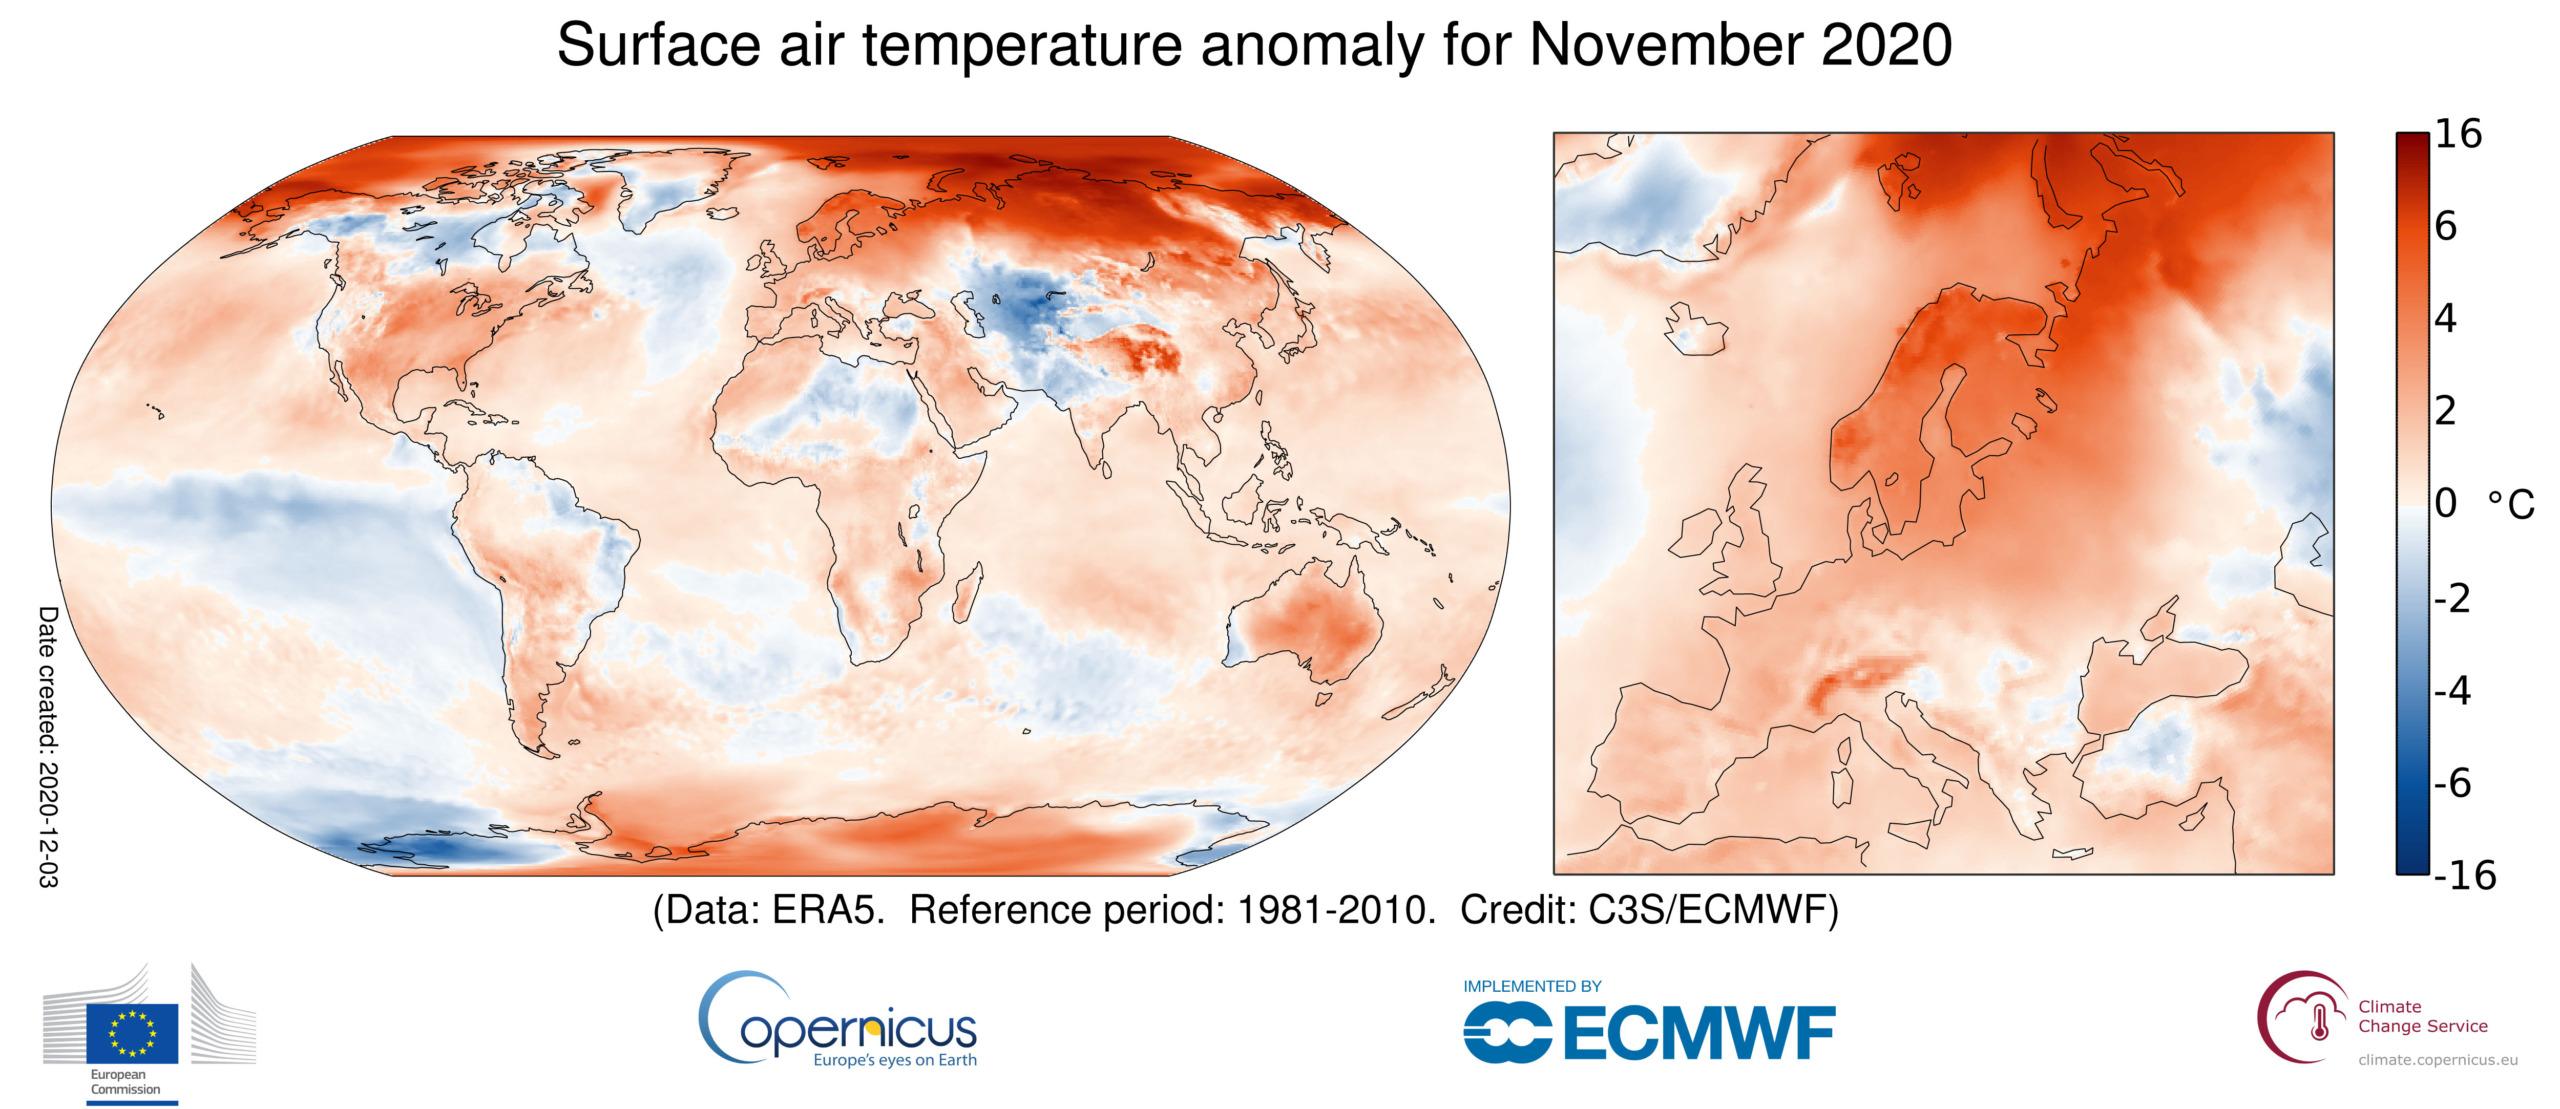 Wärmster November seit Aufzeichnungsbeginn